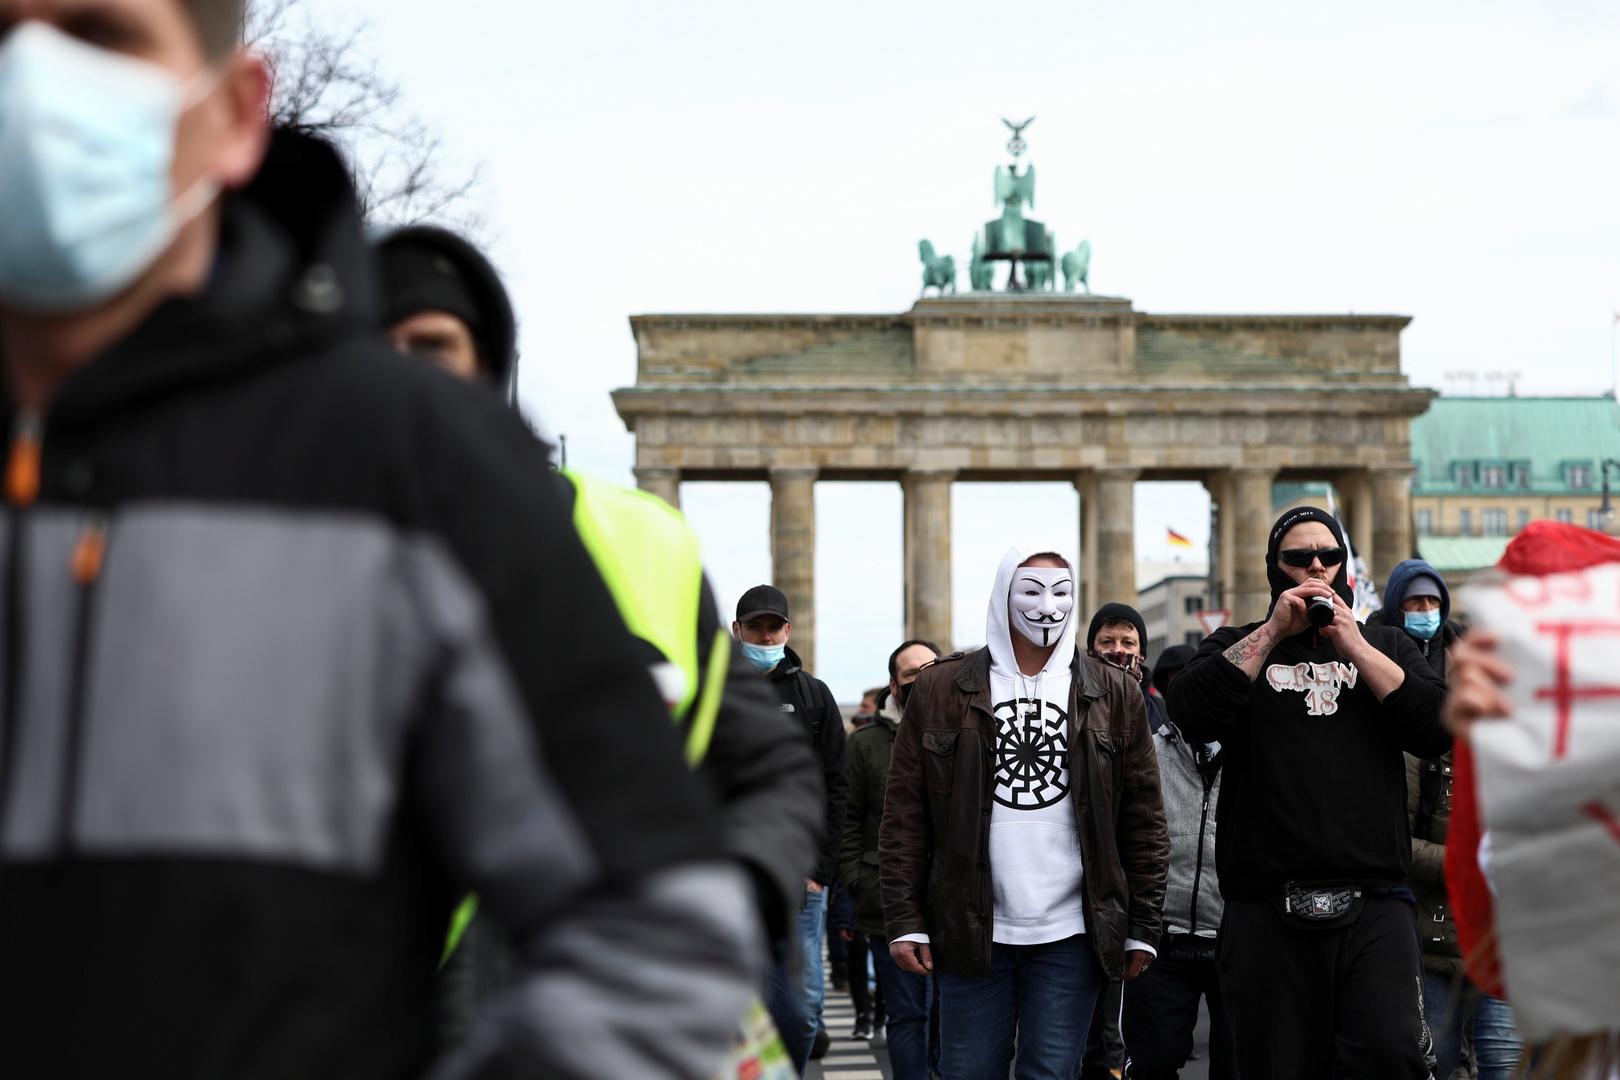 ارتفاع مجموع إصابات كورونا  في ألمانيا إلى أكثر من مليونين ونصف المليون